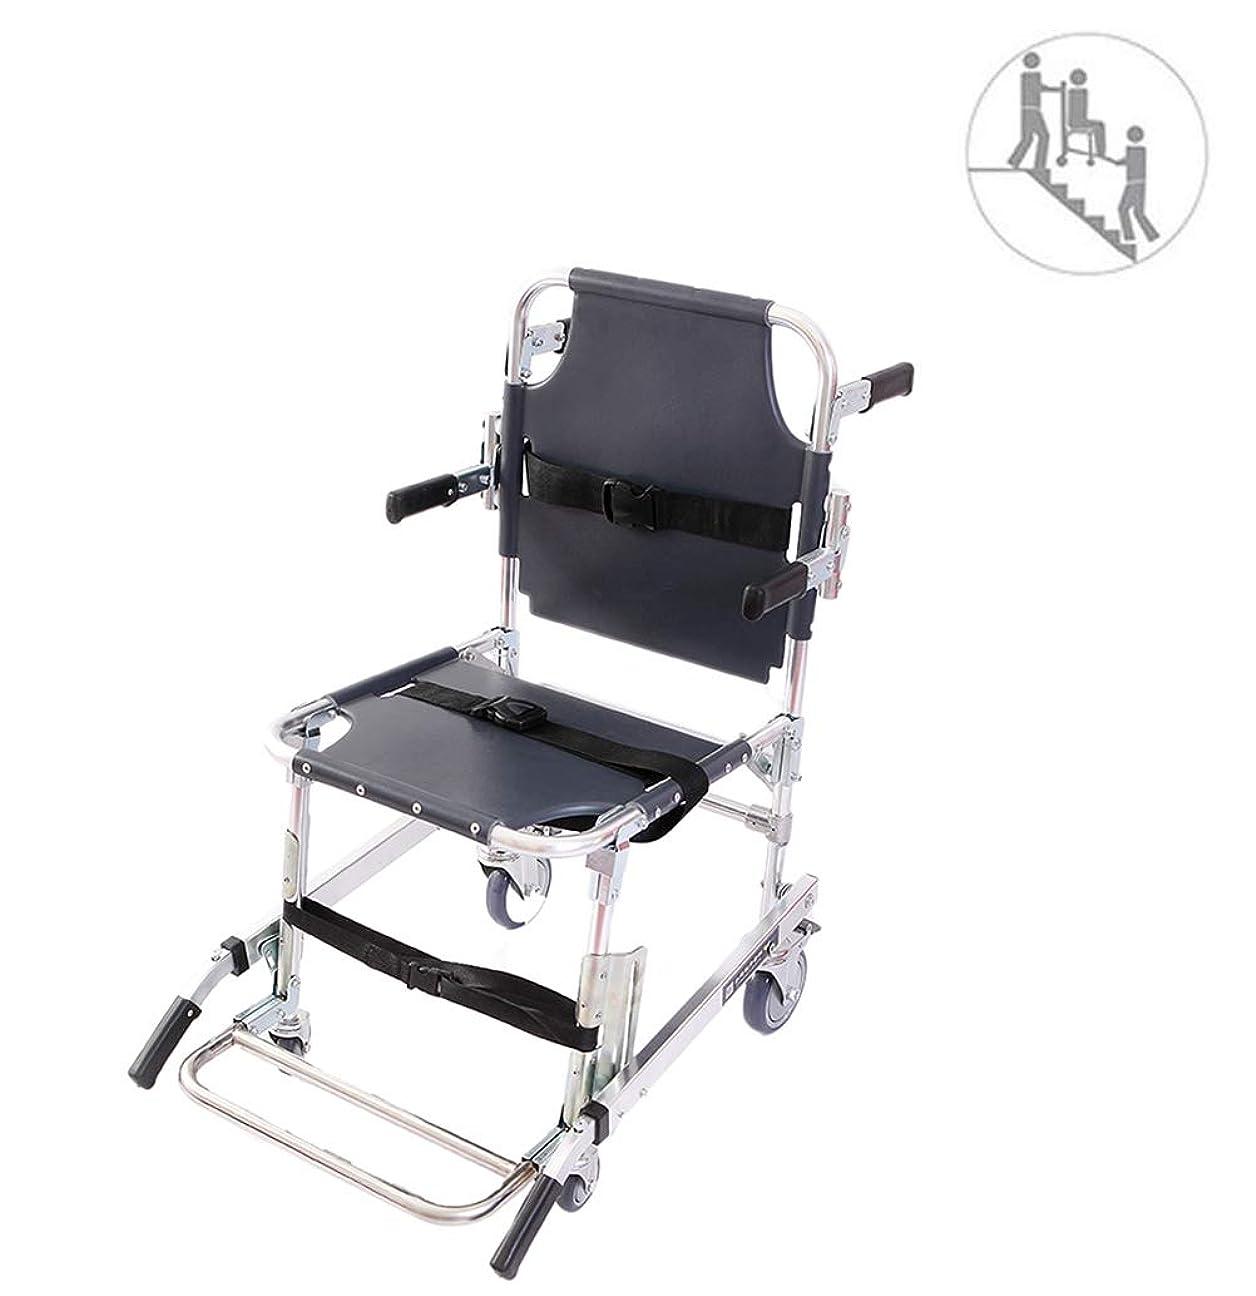 抜け目のない支配するアームストロング階段椅子EMS緊急4輪救急車消防士の避難医療輸送チェア患者拘束ストラップ付き350ポンドの容量